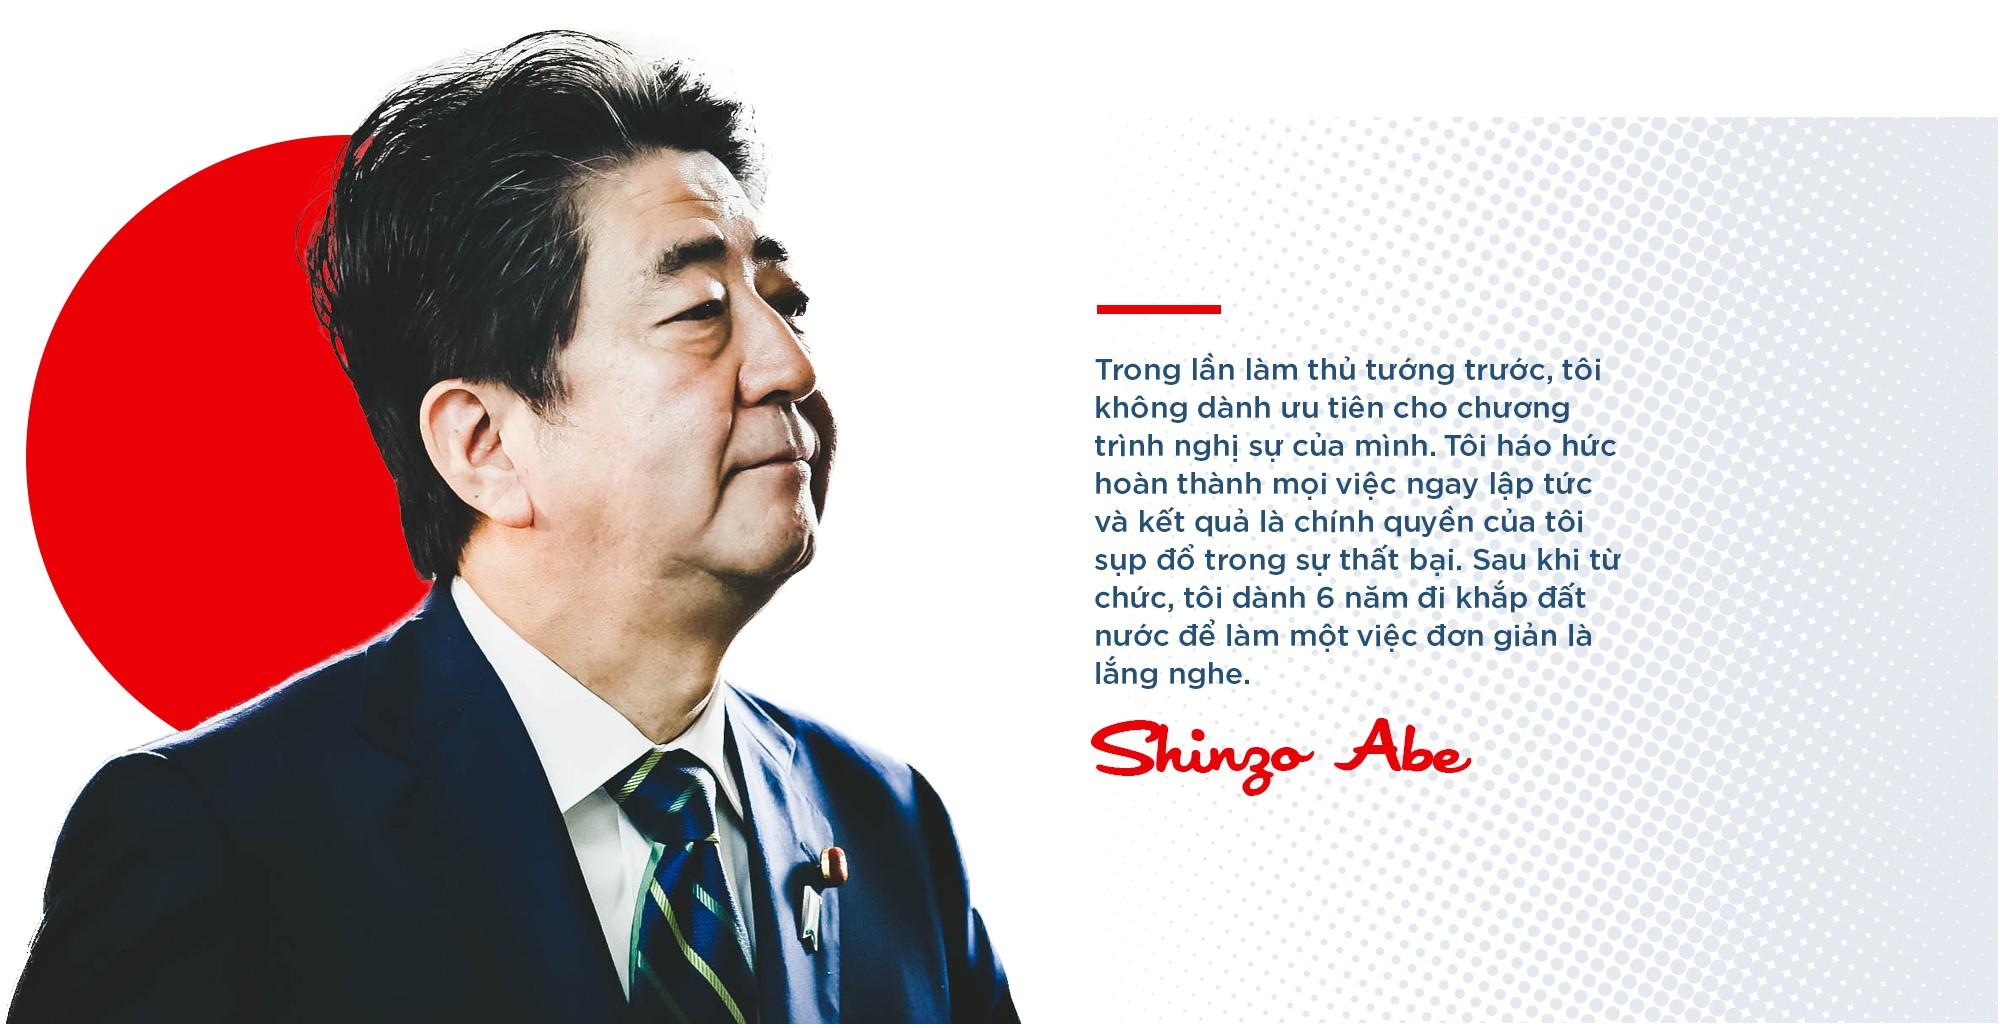 """Thủ tướng Shinzo Abe: """"Siêu nhân"""" của chính trường Nhật Bản, người đứng lên từ chính nơi vấp ngã - Ảnh 11."""